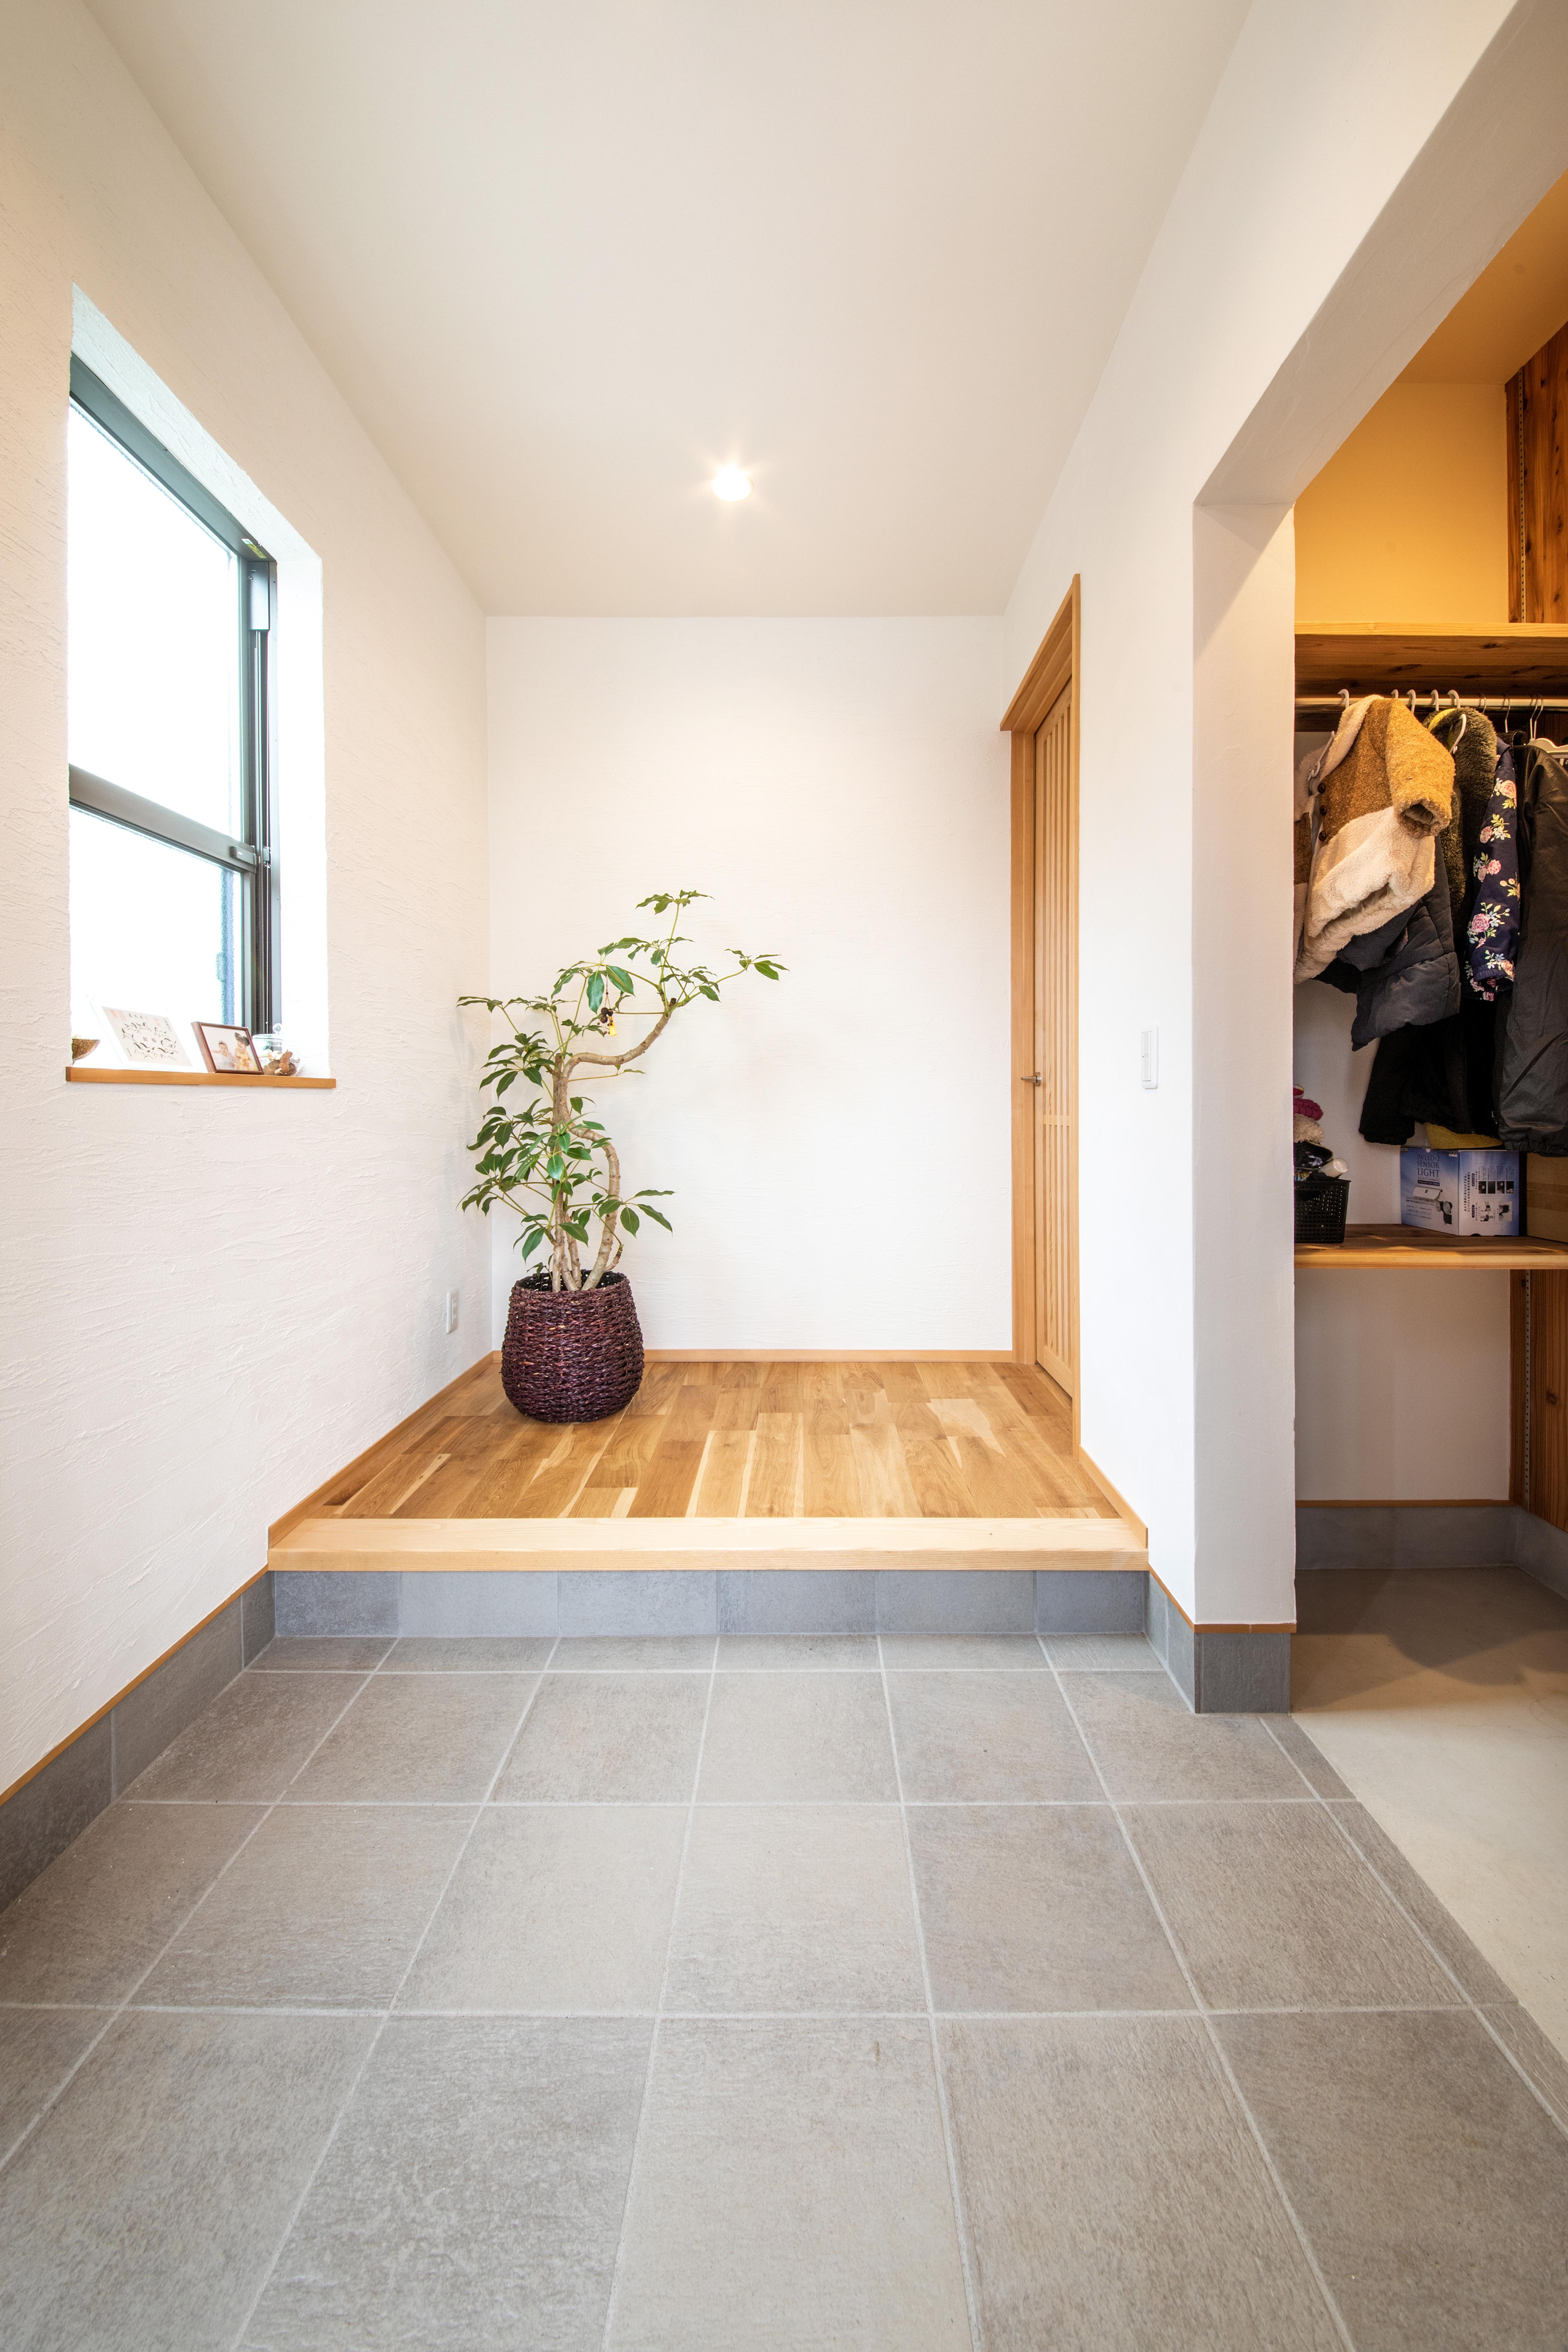 ツリーズ【子育て、自然素材、間取り】壁から天井まですべて漆喰。玄関脇の土間収納をはじめ、2階のウォークインクローゼットなどM邸には収納もたっぷり